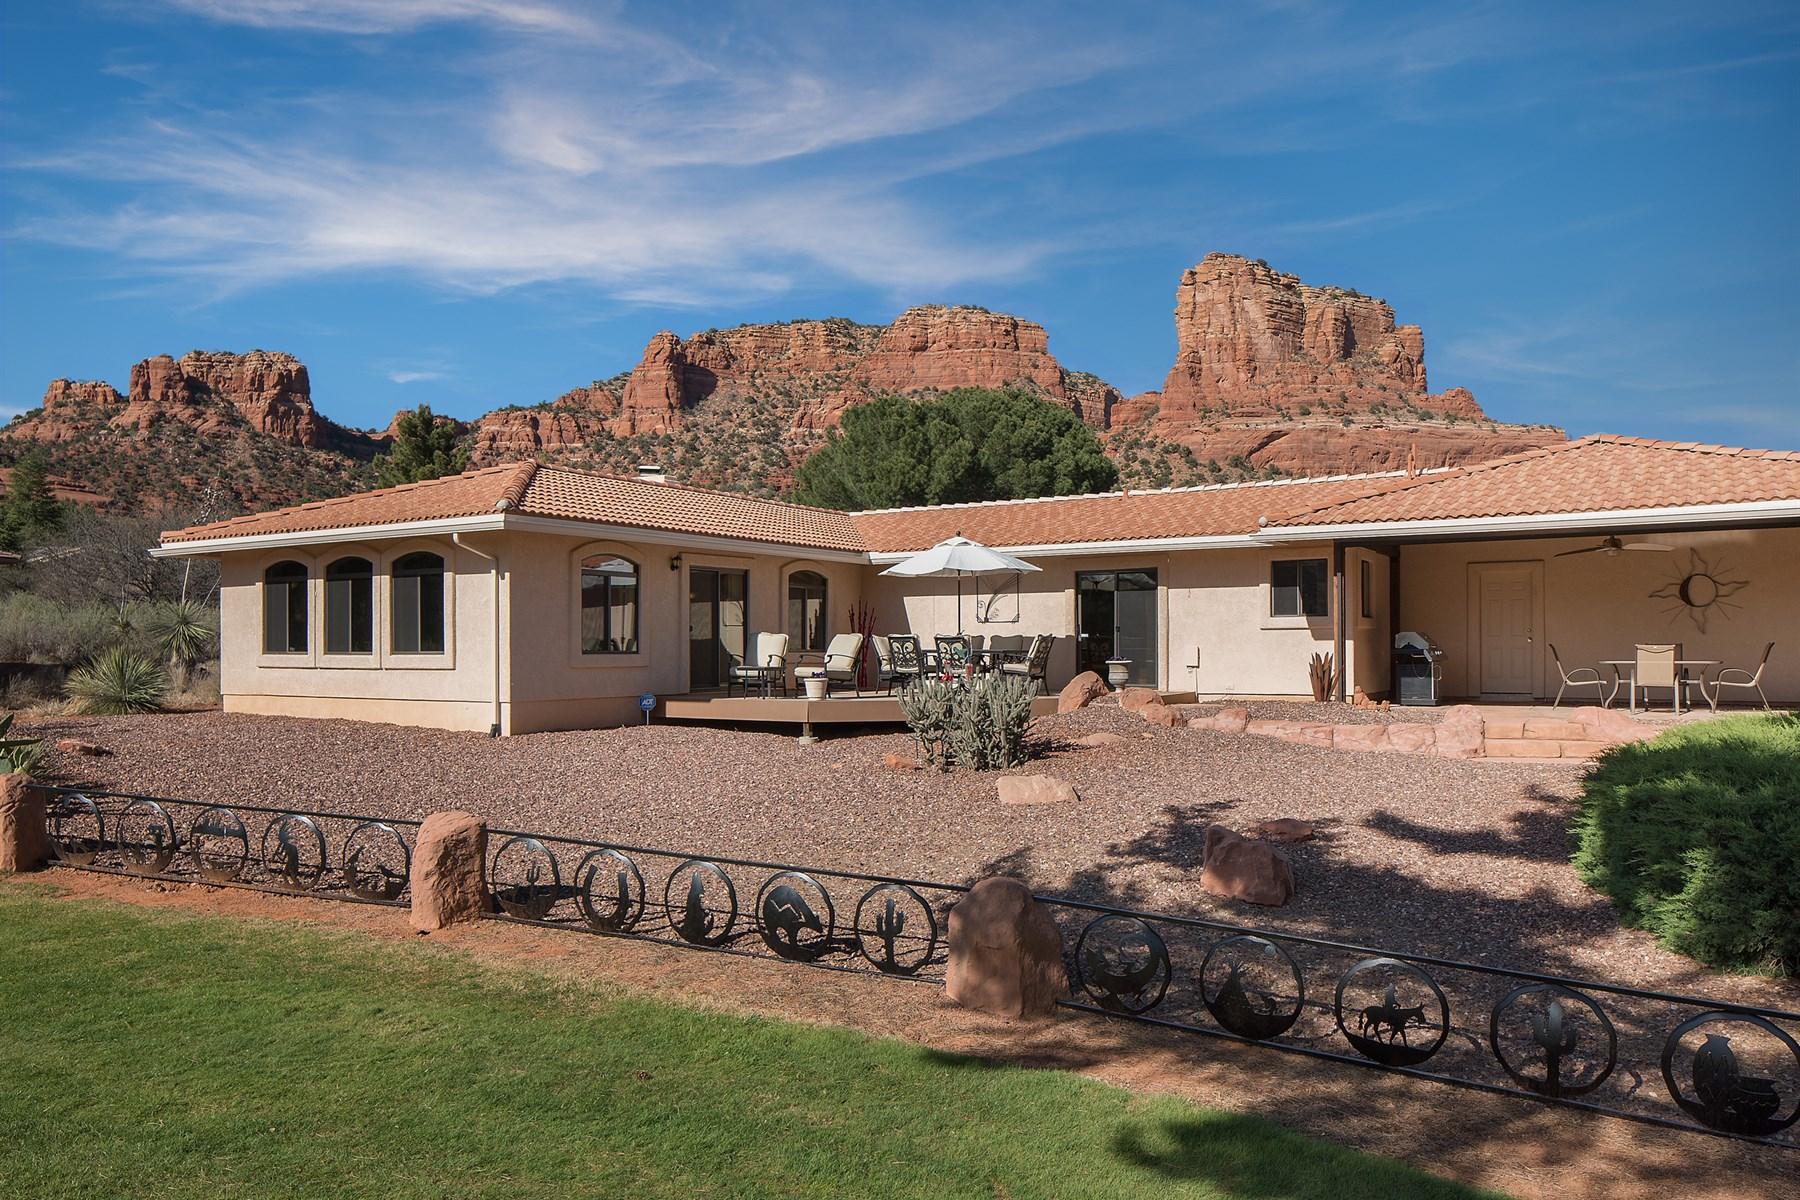 一戸建て のために 売買 アット Absolute best golf course locations in the Oakcreek Country Club 315 Oakcreek Drive Sedona, アリゾナ, 86351 アメリカ合衆国